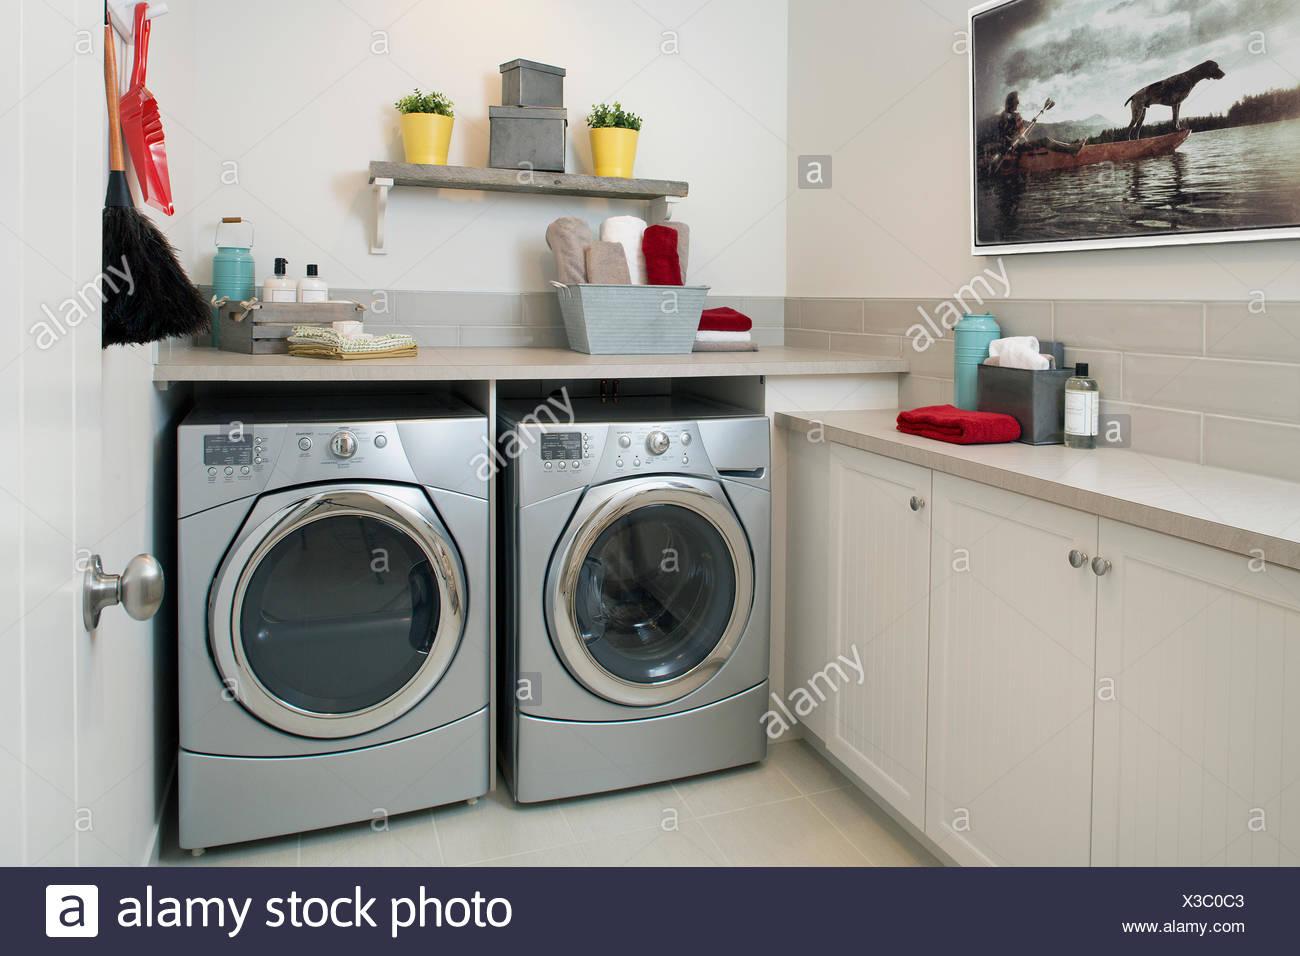 Waschmaschinenschrank verkleidung einbauschrank für ein kleines